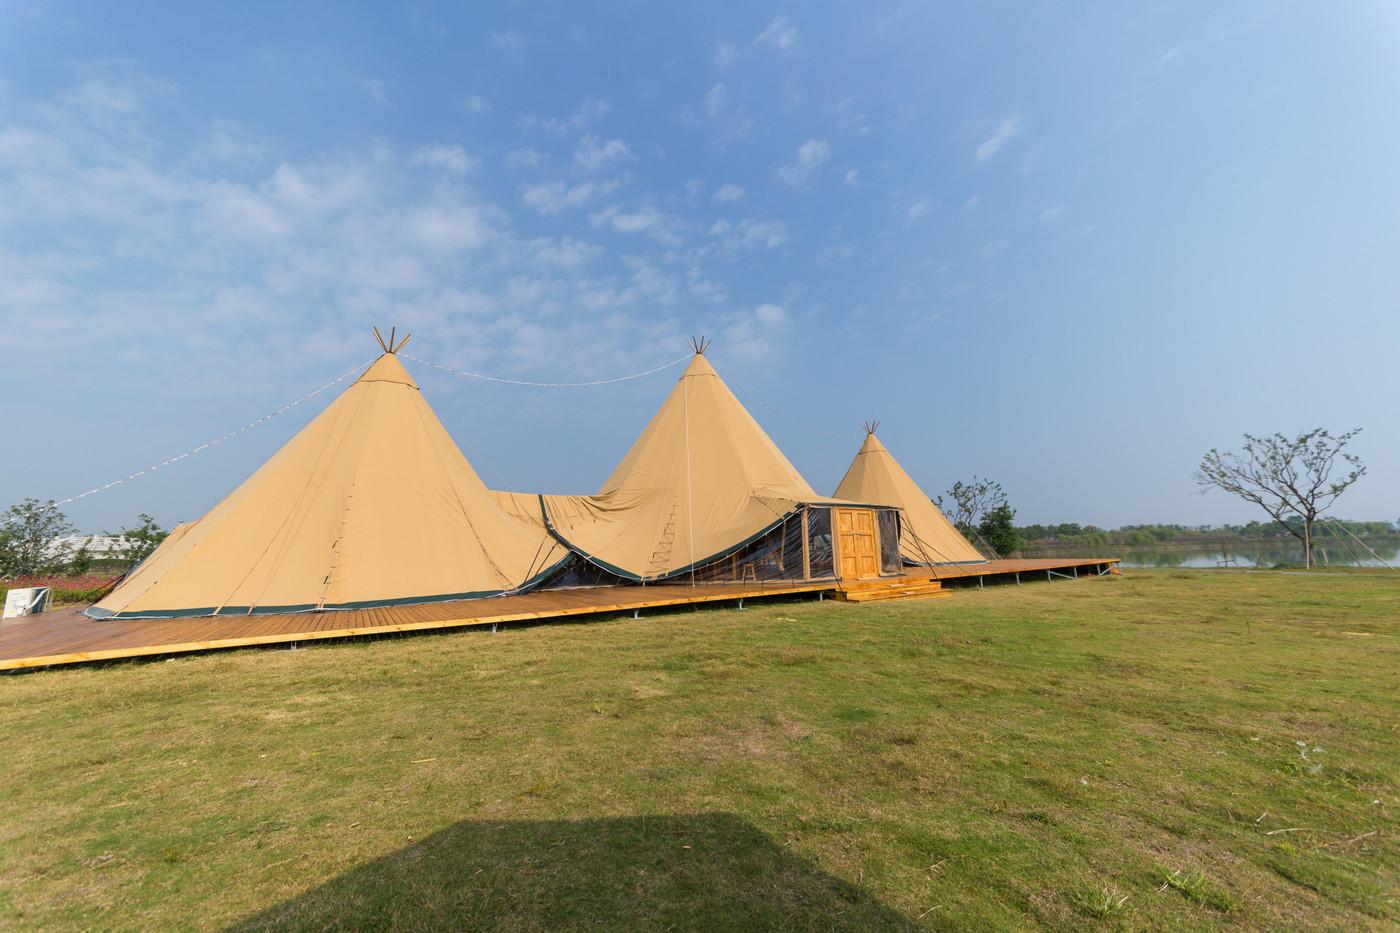 喜马拉雅印第安多功能大厅帐篷酒店9